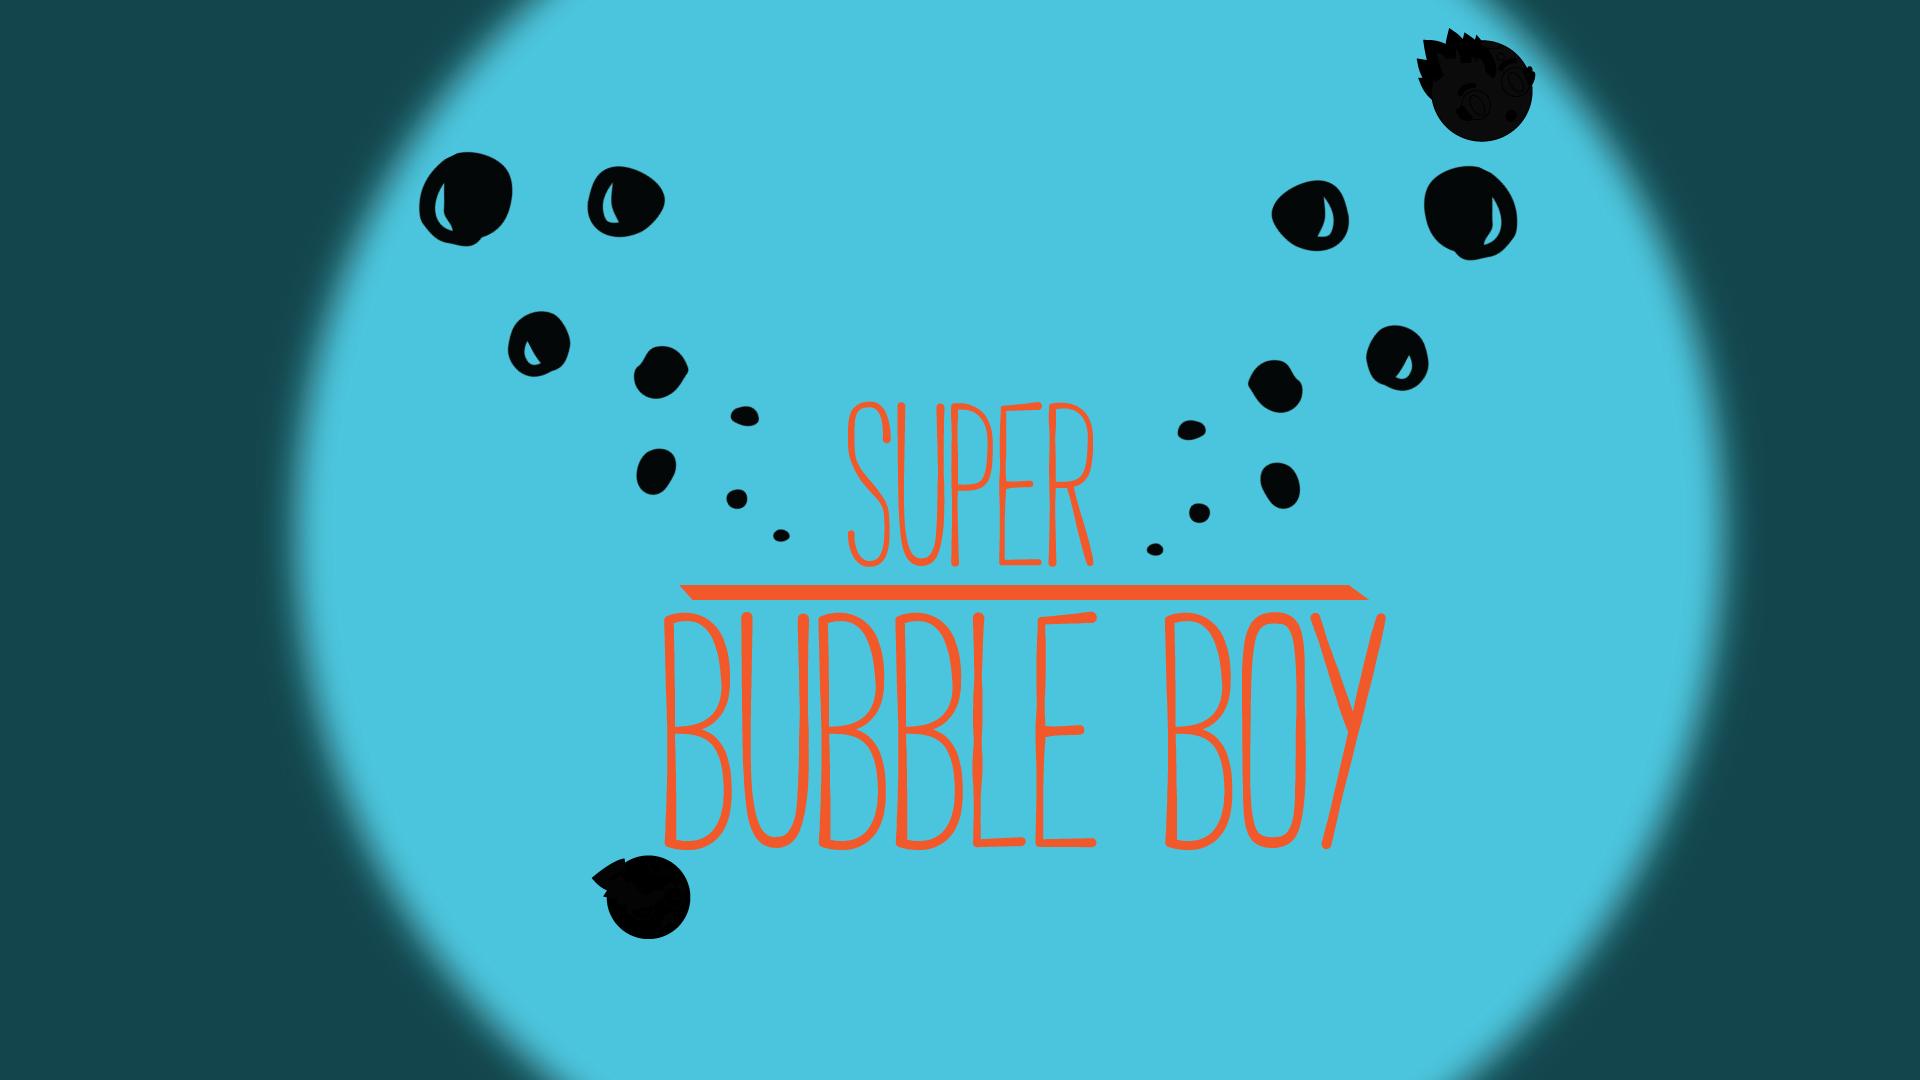 Super Bubble Boy